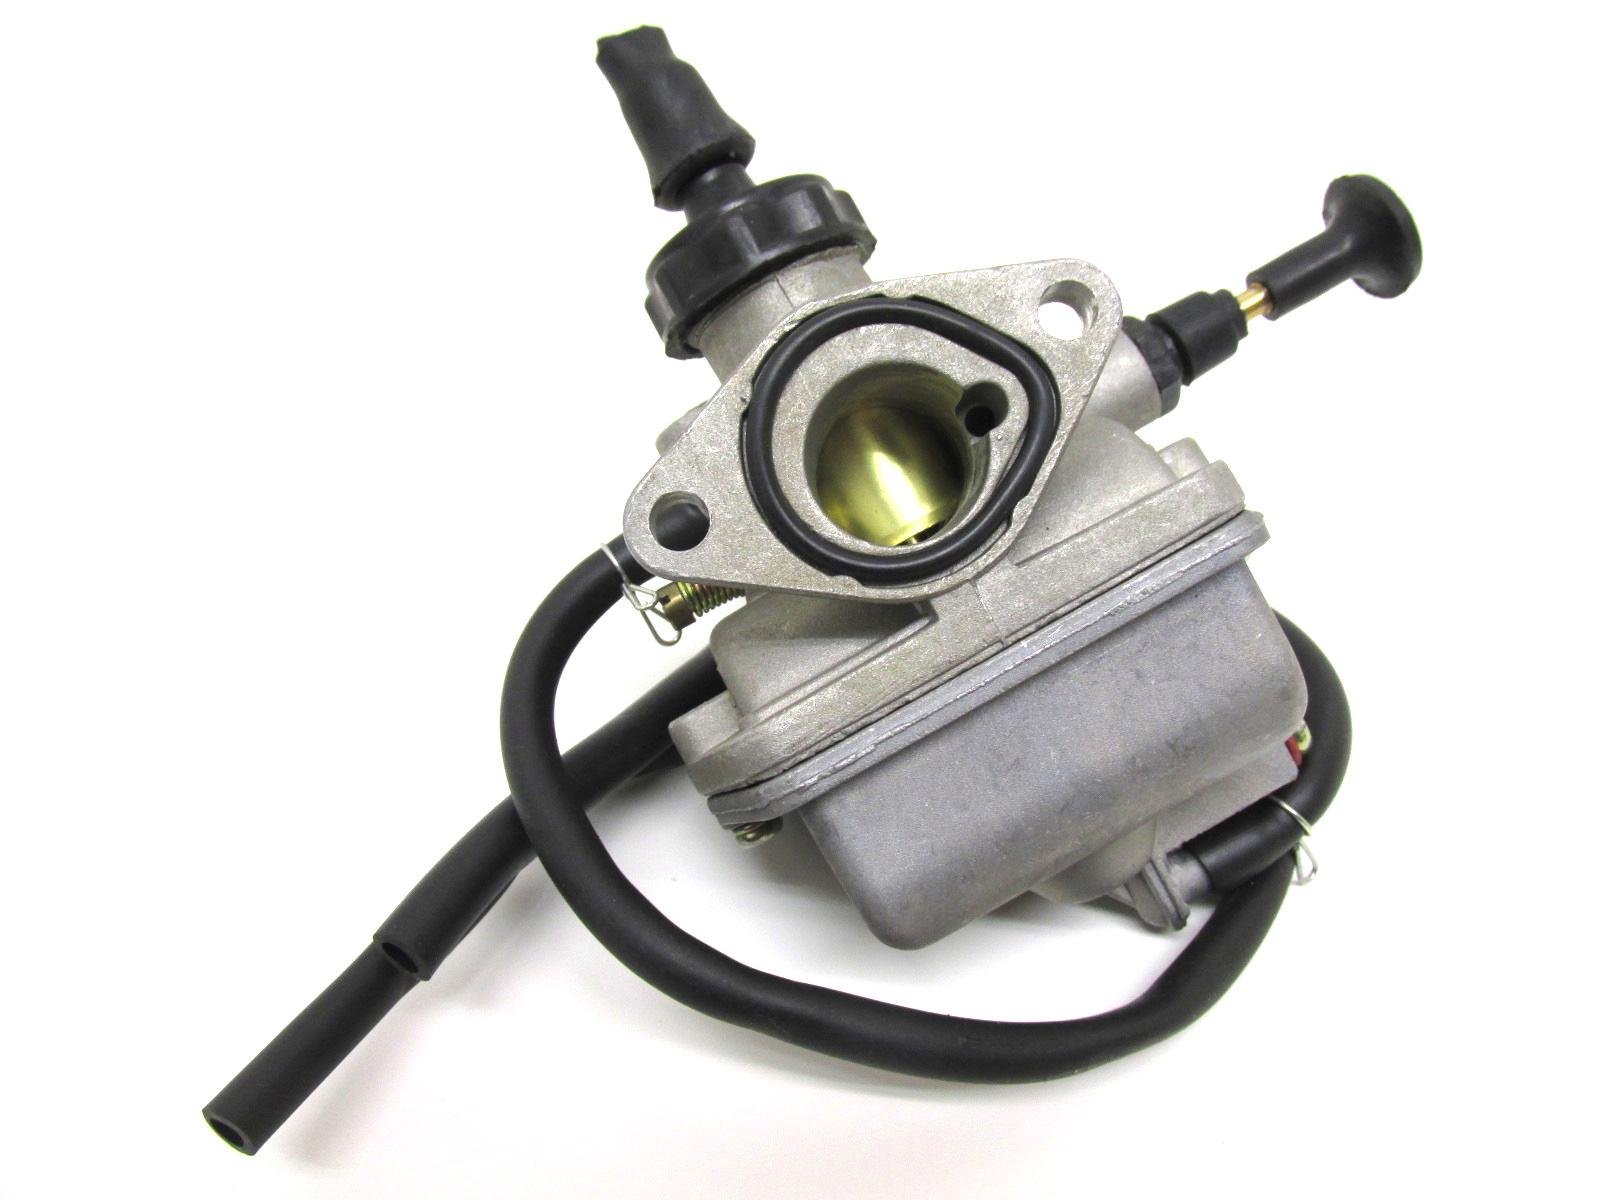 BB386 24mm Bottom Bracket Shell Press Fit Bottom Brackets for SHIMANO 24mm V5R2